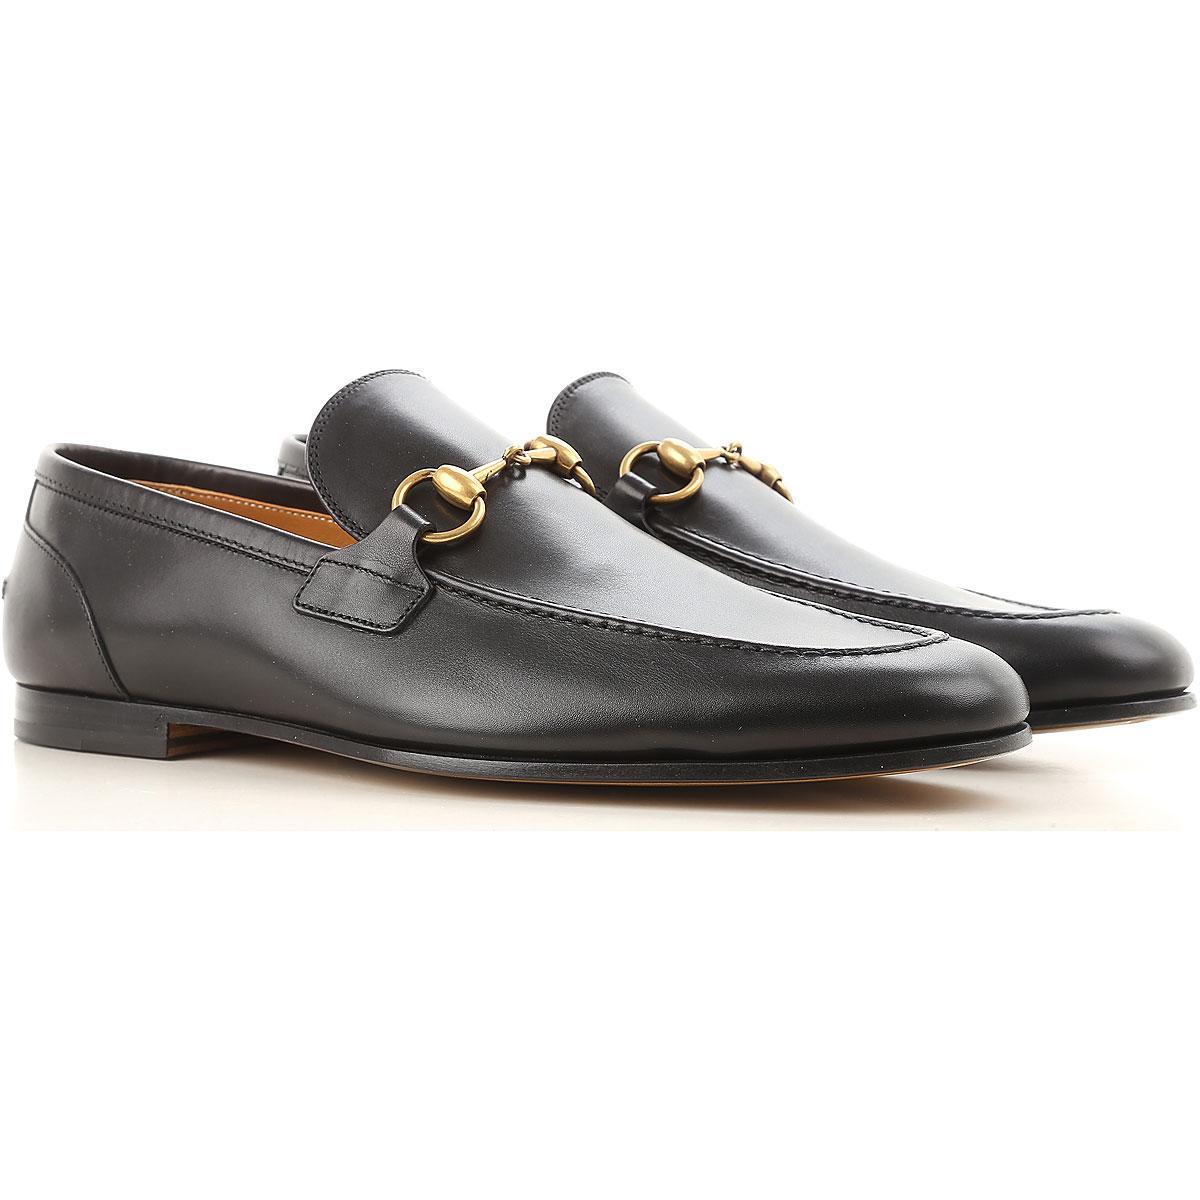 8fee7af76 Lyst - Gucci Loafers For Men in Black for Men - Save 4.755043227665709%